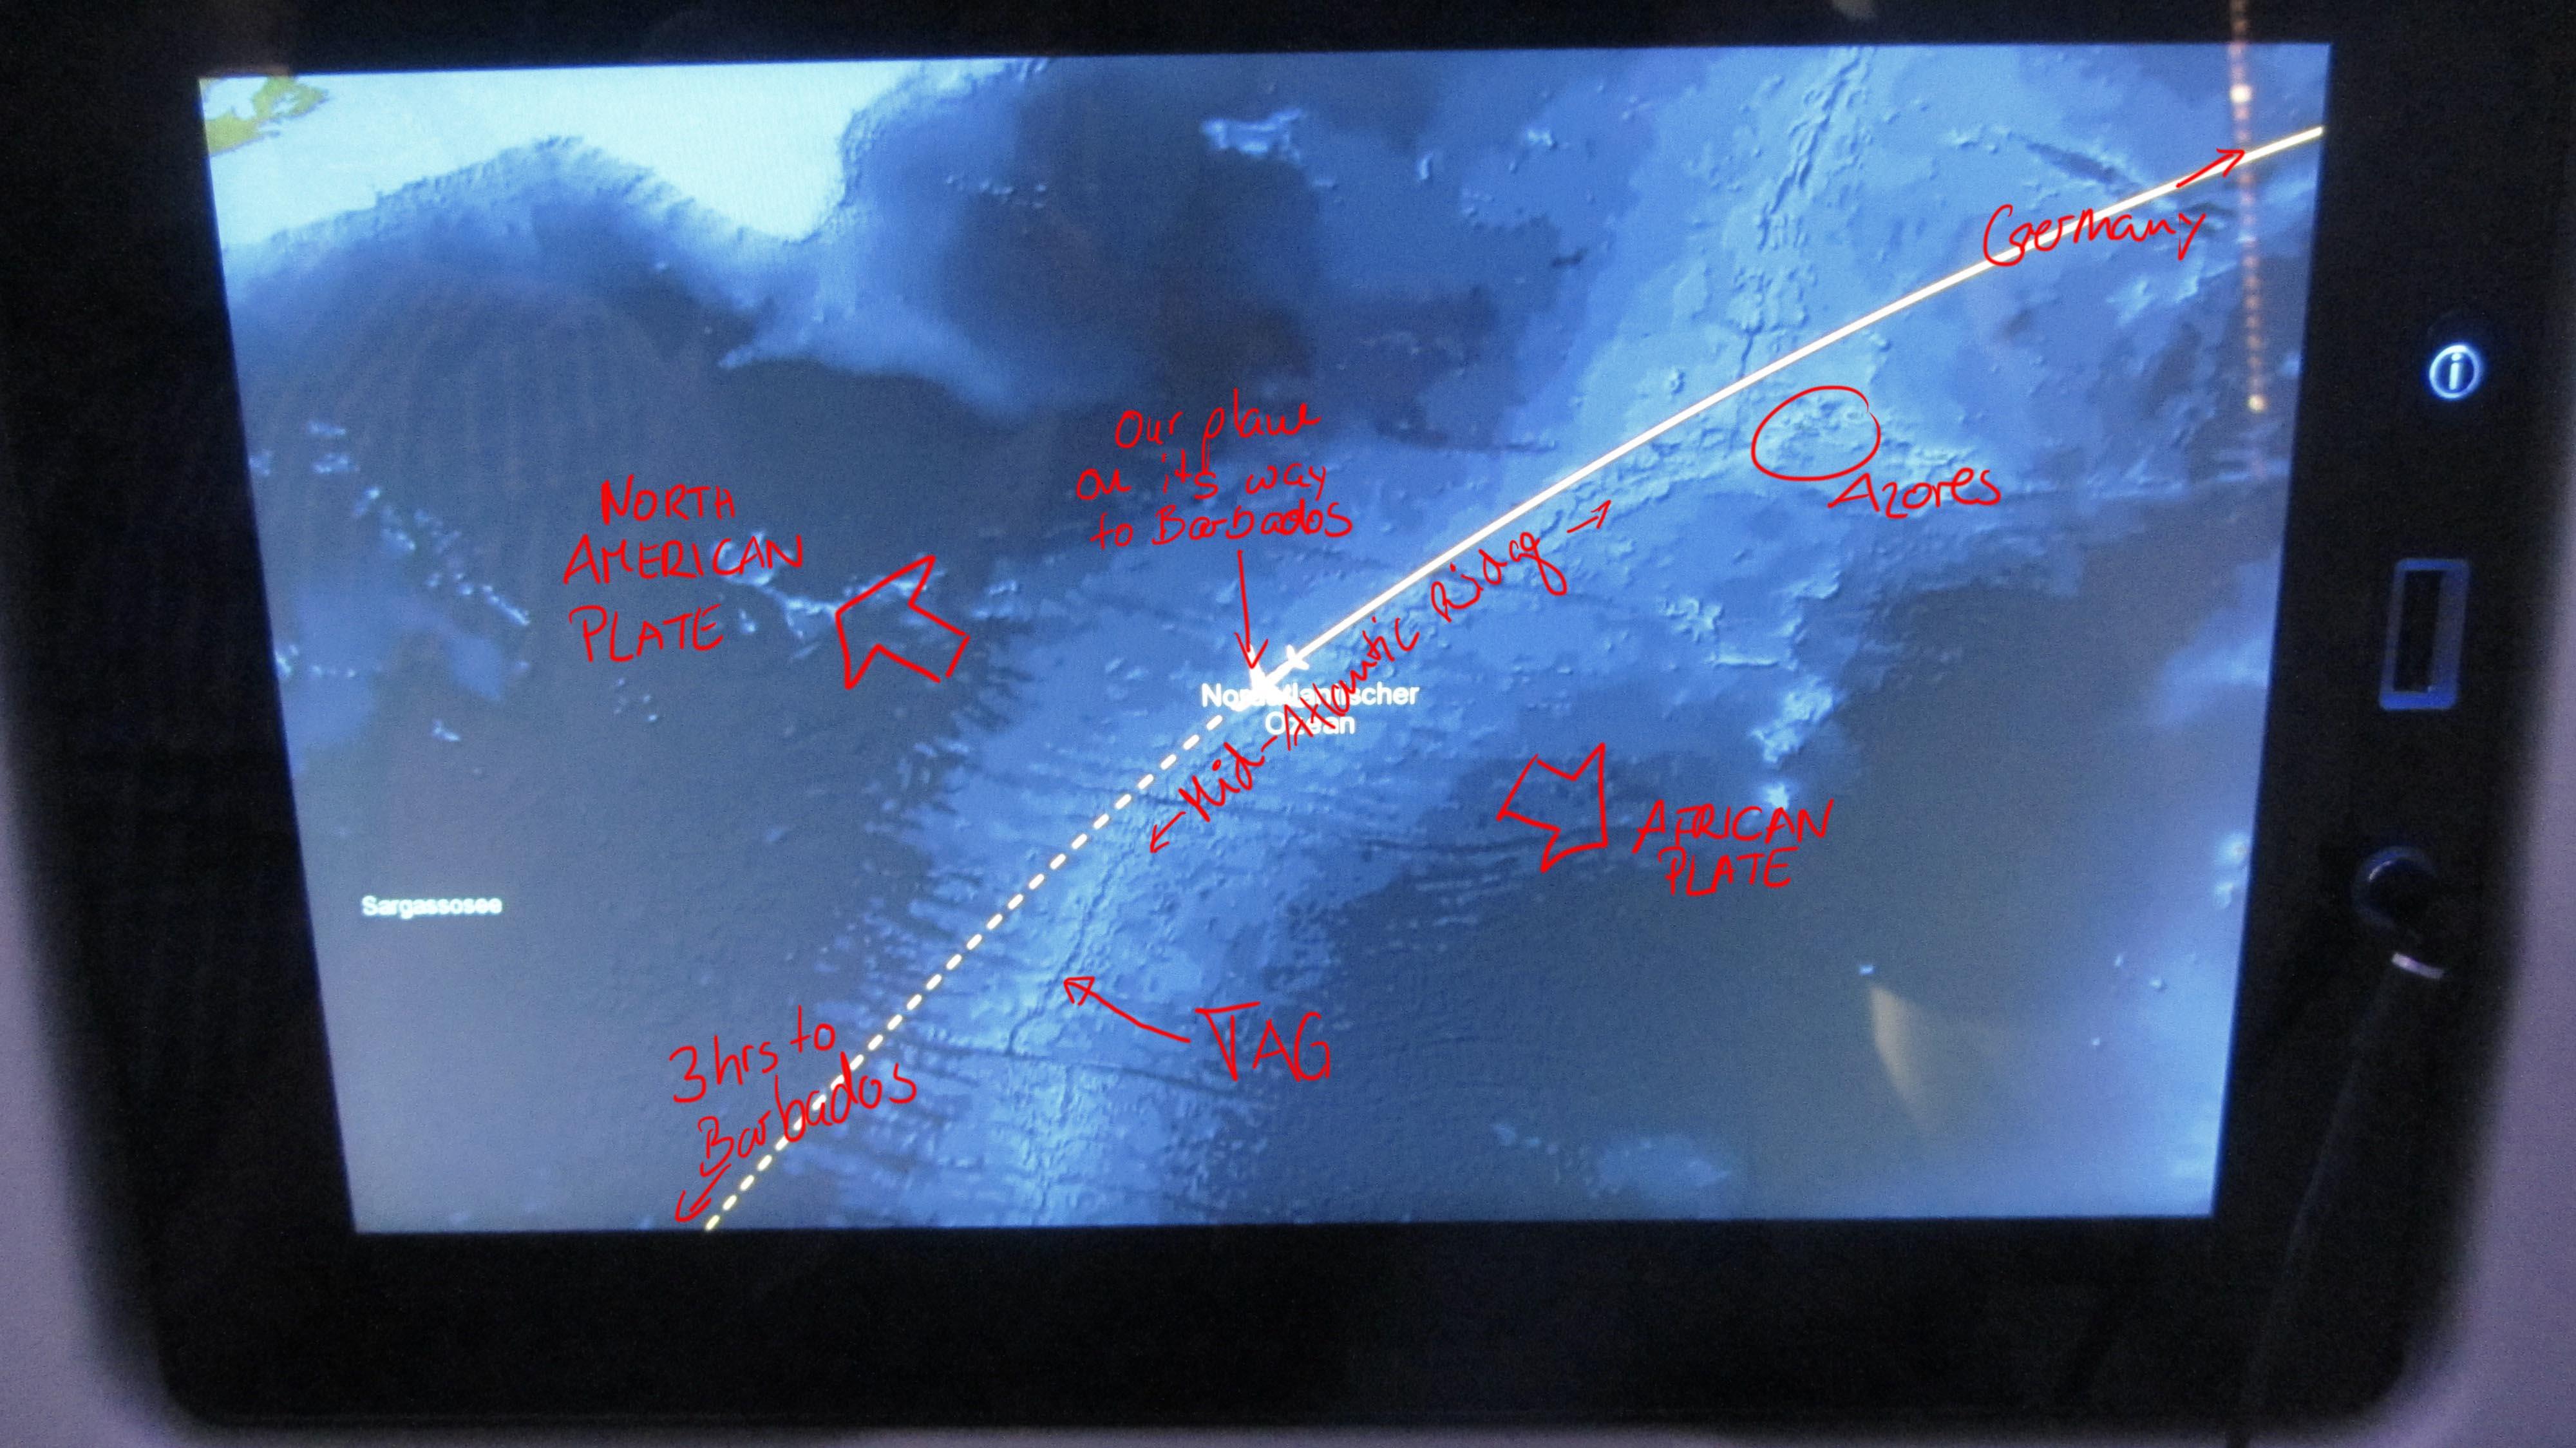 Photo of the info screen on our flight to Barbados with some remarks on what marine geologists see on it: The Mid-Atlantic Ridge (in pale blue colours, as it is shallower than the deep sea plains in dark blue) is a boundary, at which two tectonic plates spread apart. The North American plate, including the continent, moves with a rate of 1cm per year west, while the African and Eurasian plate move with also about 1 cm per year eastwards. The TAG hydrothermal field lies on the plate boundary, which is visible as a fine blue line, due to a graben structure, the so-called rift valley, on top of the Mid-Atlantic Ridge. / Foto vom Infobildschirm auf unserem Flug nach Barbados mit einigen Anmerkungen, was Meeresgeologen darauf sehen: Der Mittelatlantische Rücken (als hellblaues Band gut sichtbar, weil er sich von den tiefer gelegenen Tiefseeebenen in dunkelblau abhebt) ist eine Grenze, an der zwei tektonische Platten auseinander spreizen. Die Nordamerikanische Platte, inklusive des Kontinents, bewegt sich mit rund 1 cm pro Jahr nach Westen, während die Eurasische und Afrikanische Platte mit ebenfalls 1 cm pro Jahr nach Osten driften. Das TAG Hydrothermalfeld liegt genau auf der Plattengrenze, die als feine, dunkelblaue Linie auf dem Mittelatlantischen Rücken sichtbar ist, weil sich dort ein tiefer gelegener Graben befindet, das so genannte Rift Valley. (© Meike Klischies)